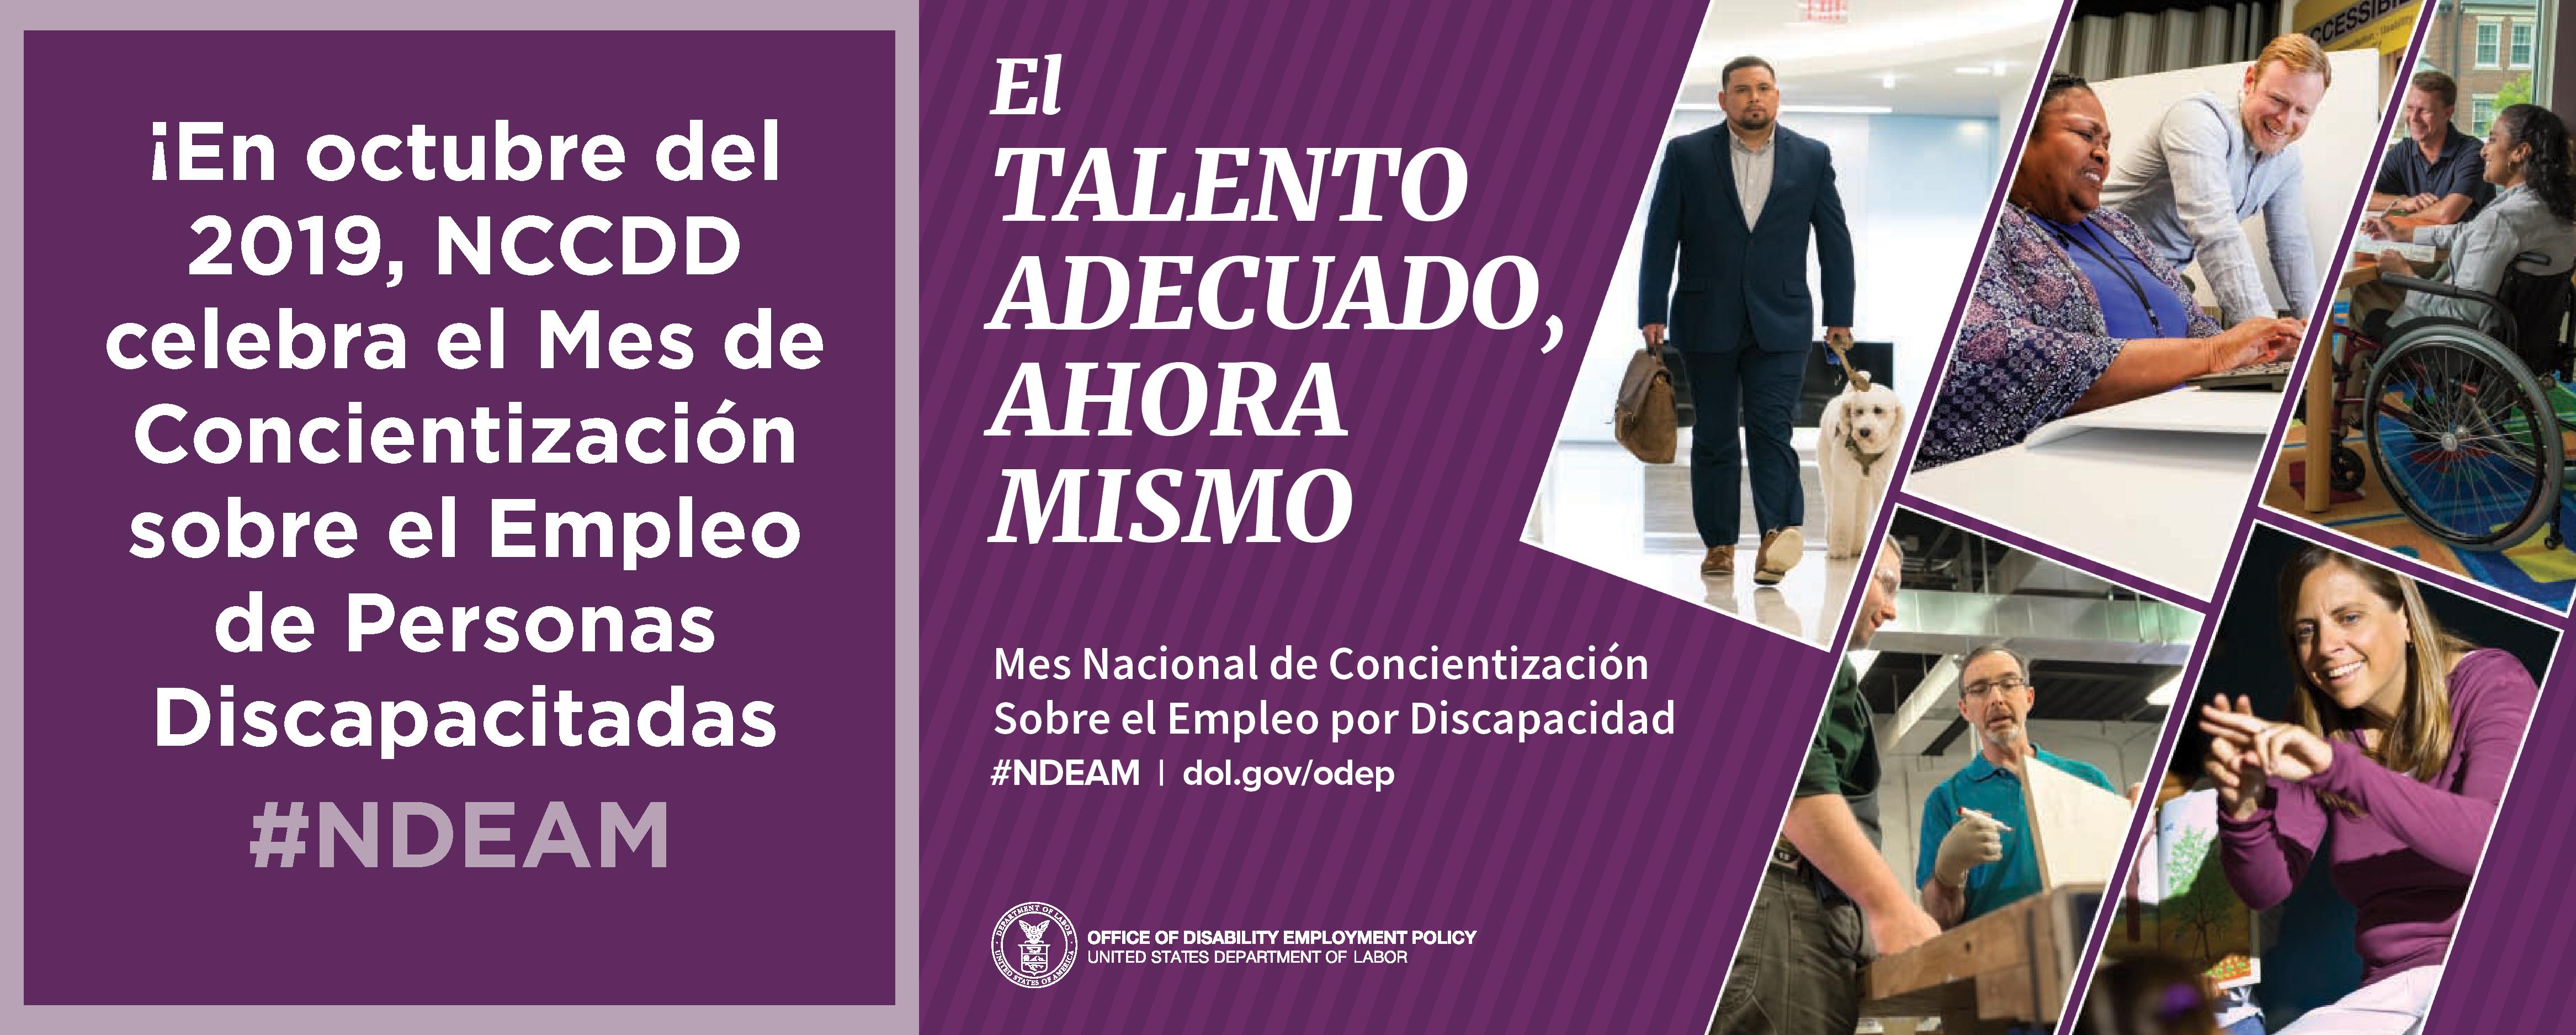 ¡En octubre del 2019, NCCDD celebra el Mes de Concientización sobre el Empleo de Personas Discapacitadas #NDEAM